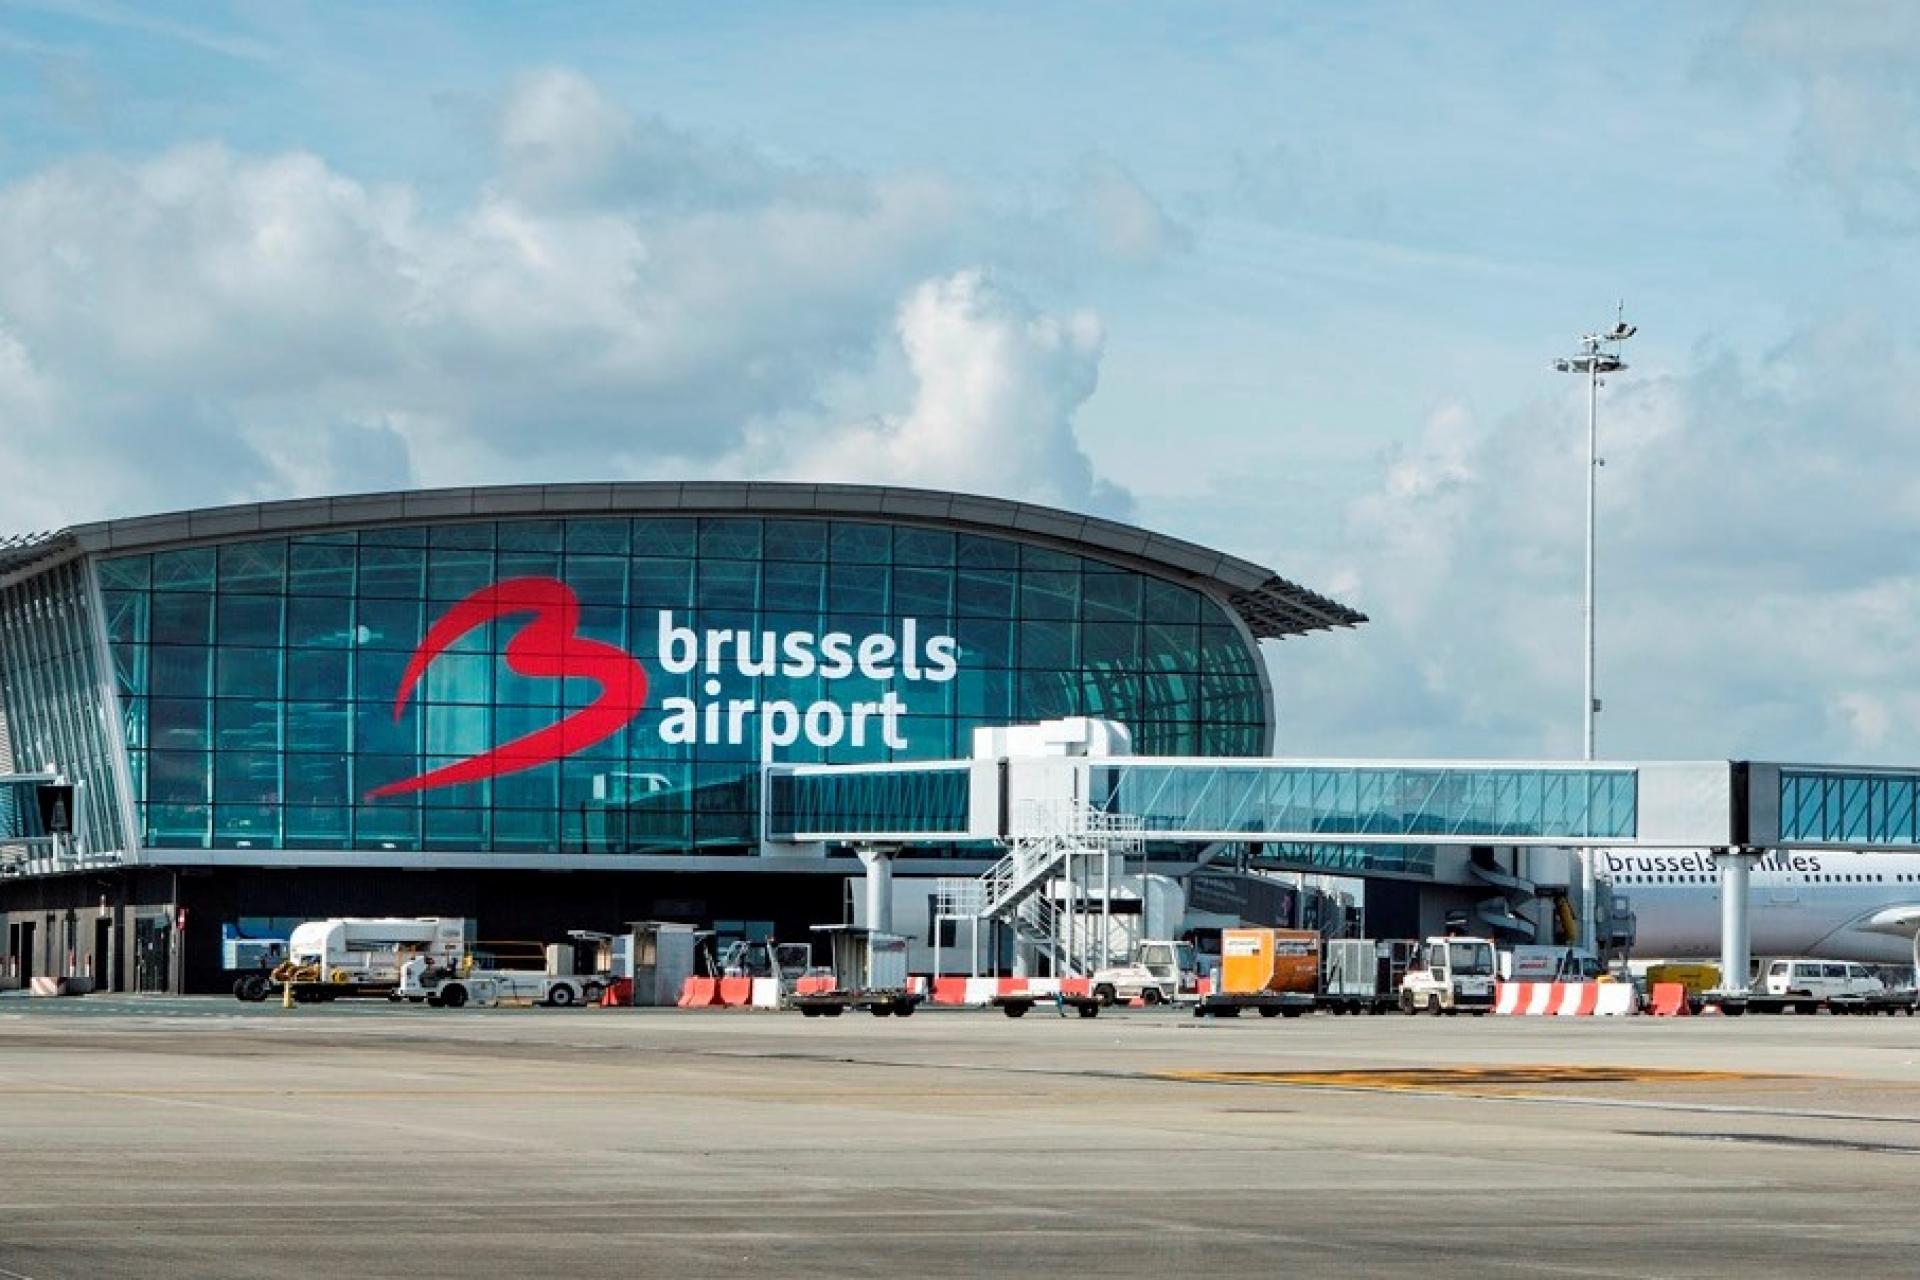 Забастовка грузчиков в аэропорту Брюсселя привела к отмене сотен рейсов